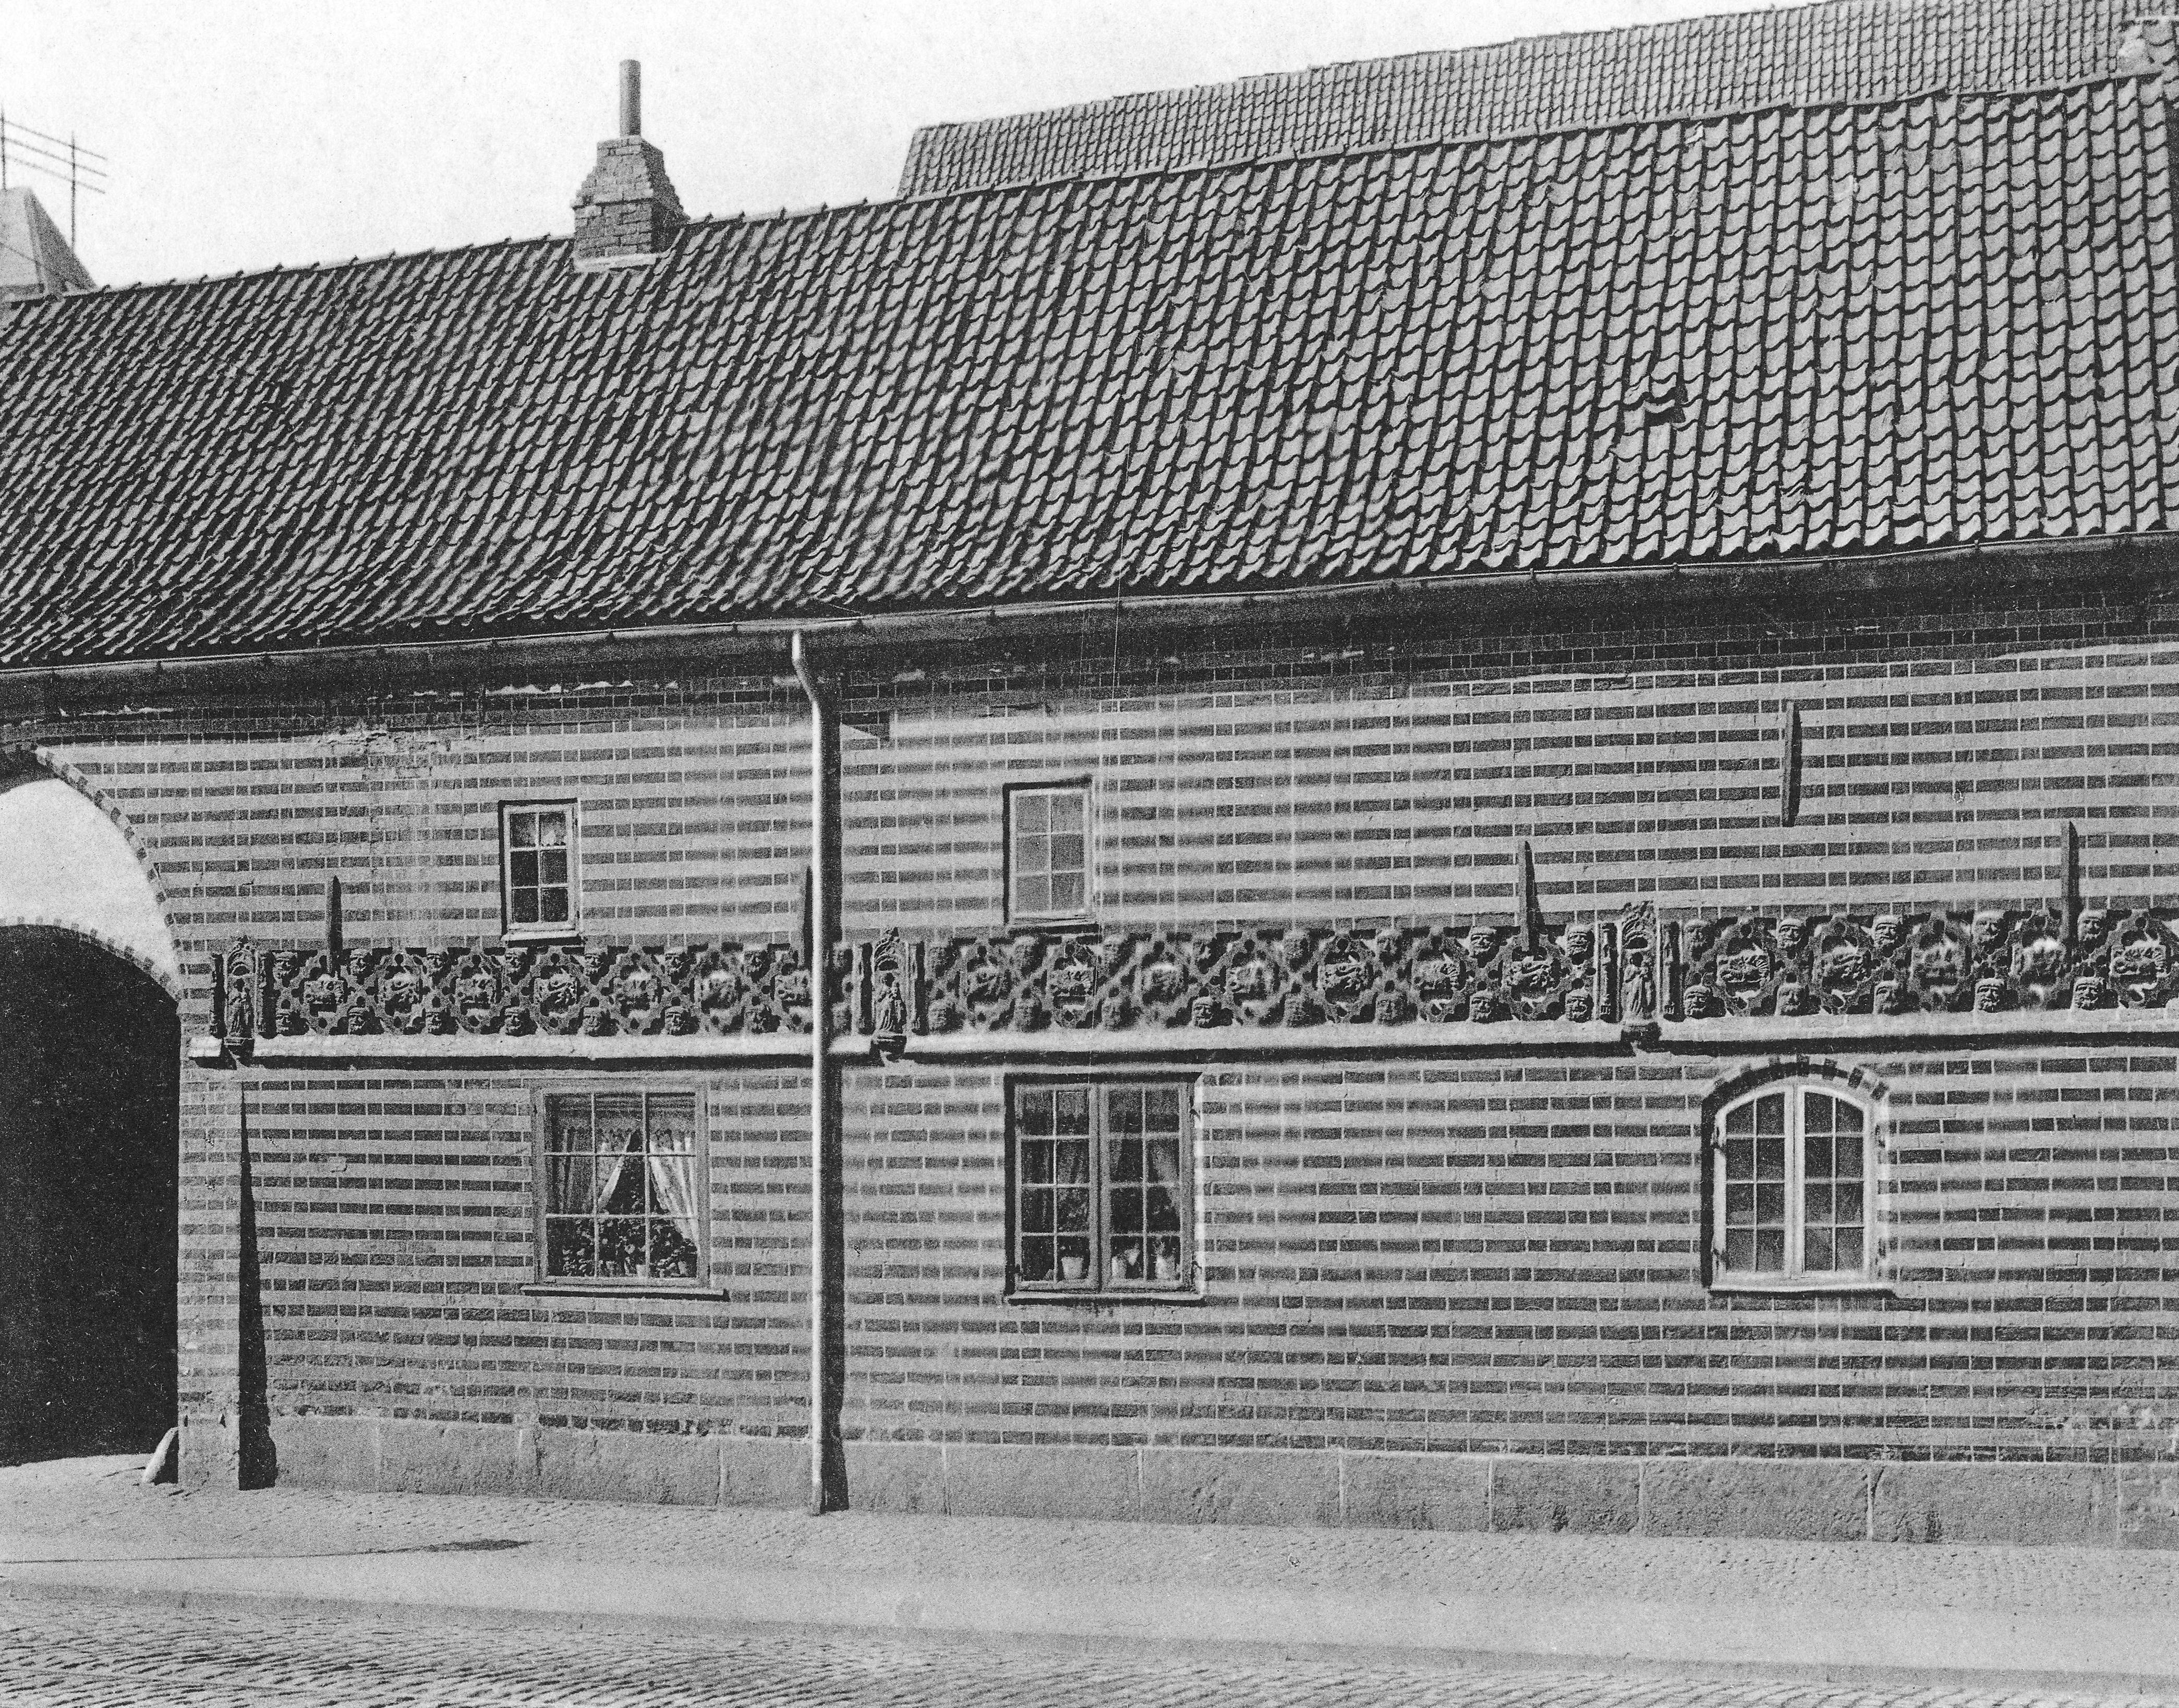 Burgkloster (Lübeck)